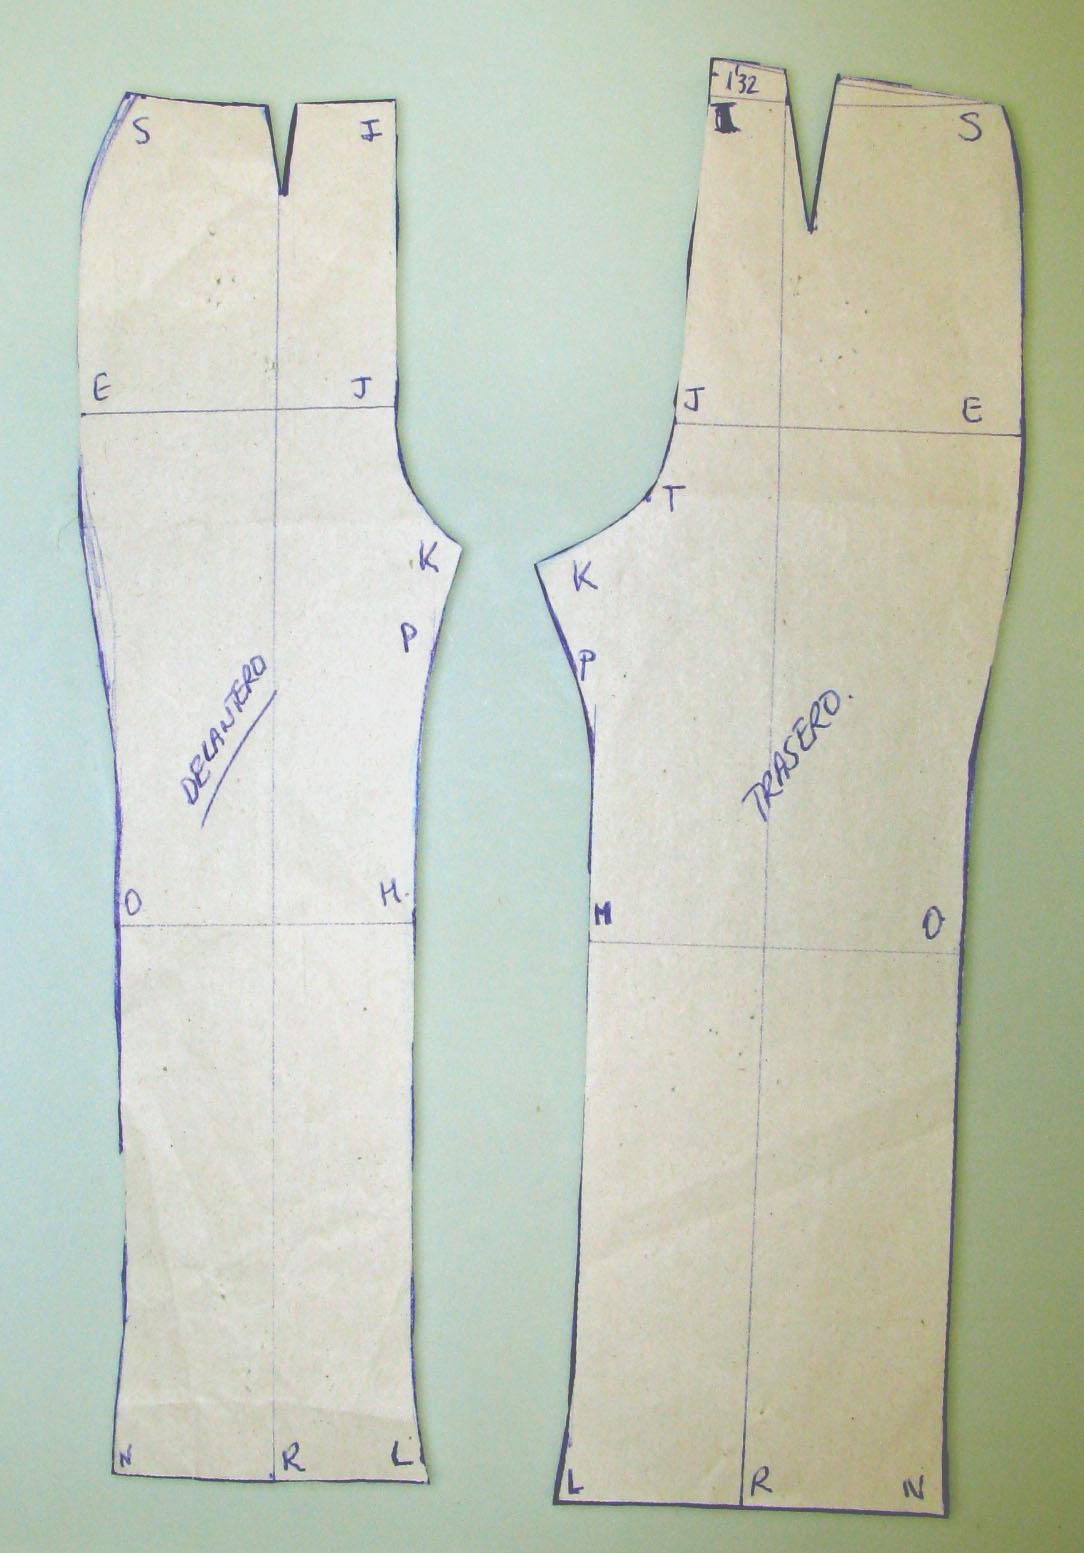 Costurera Novatilla: Selección del modelo